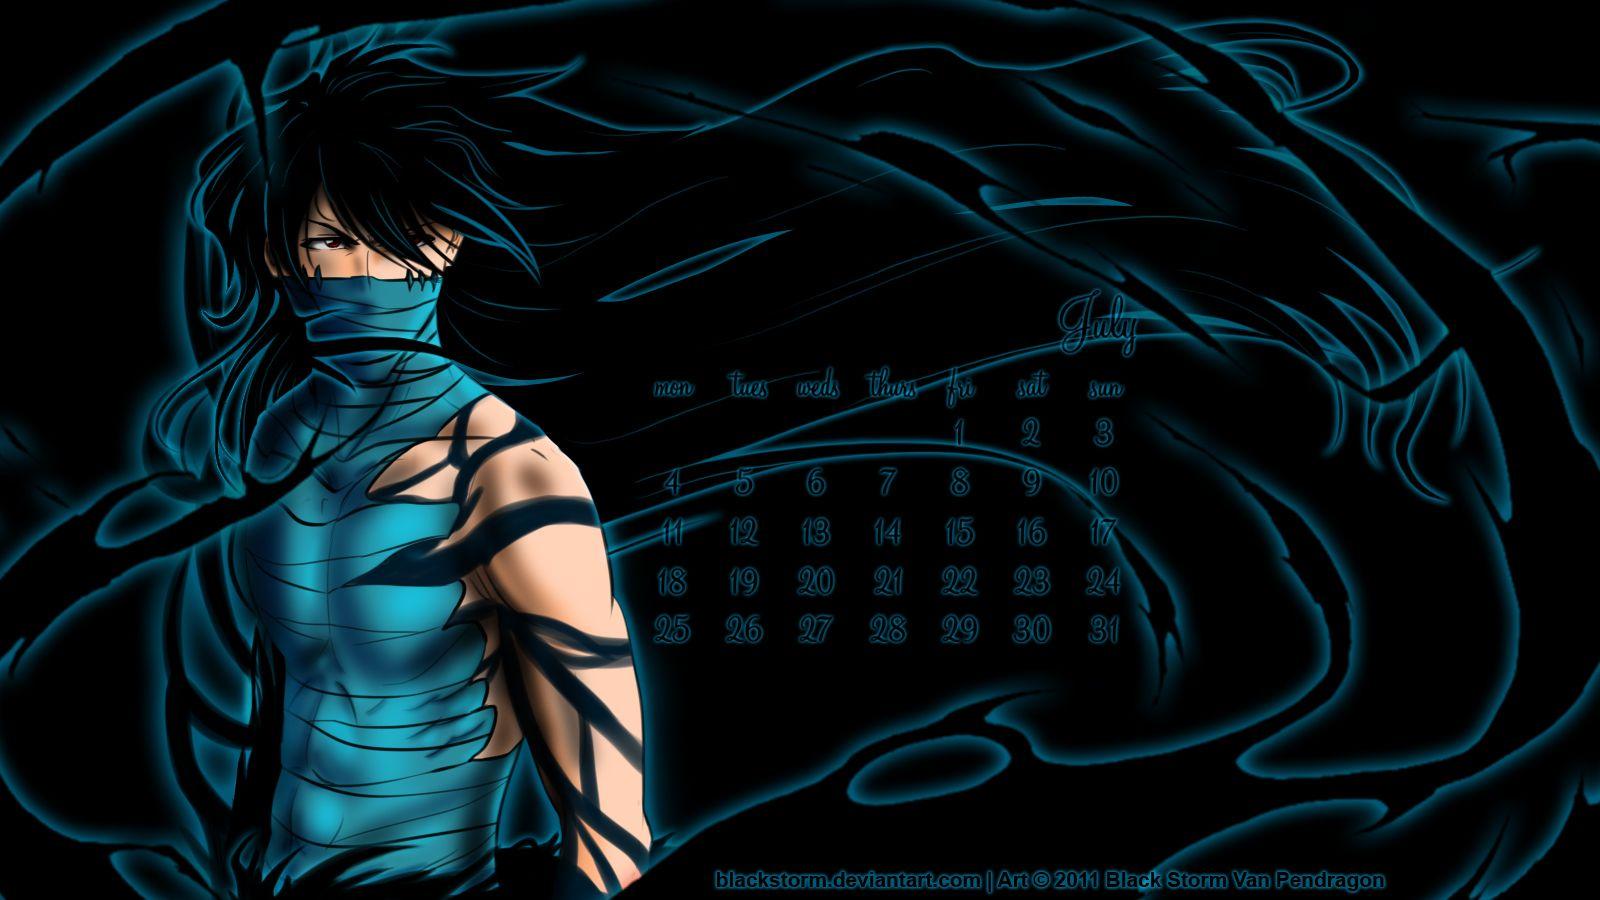 Anime BLEACH Kurosaki Ichigo Mugetsu Blackstorm